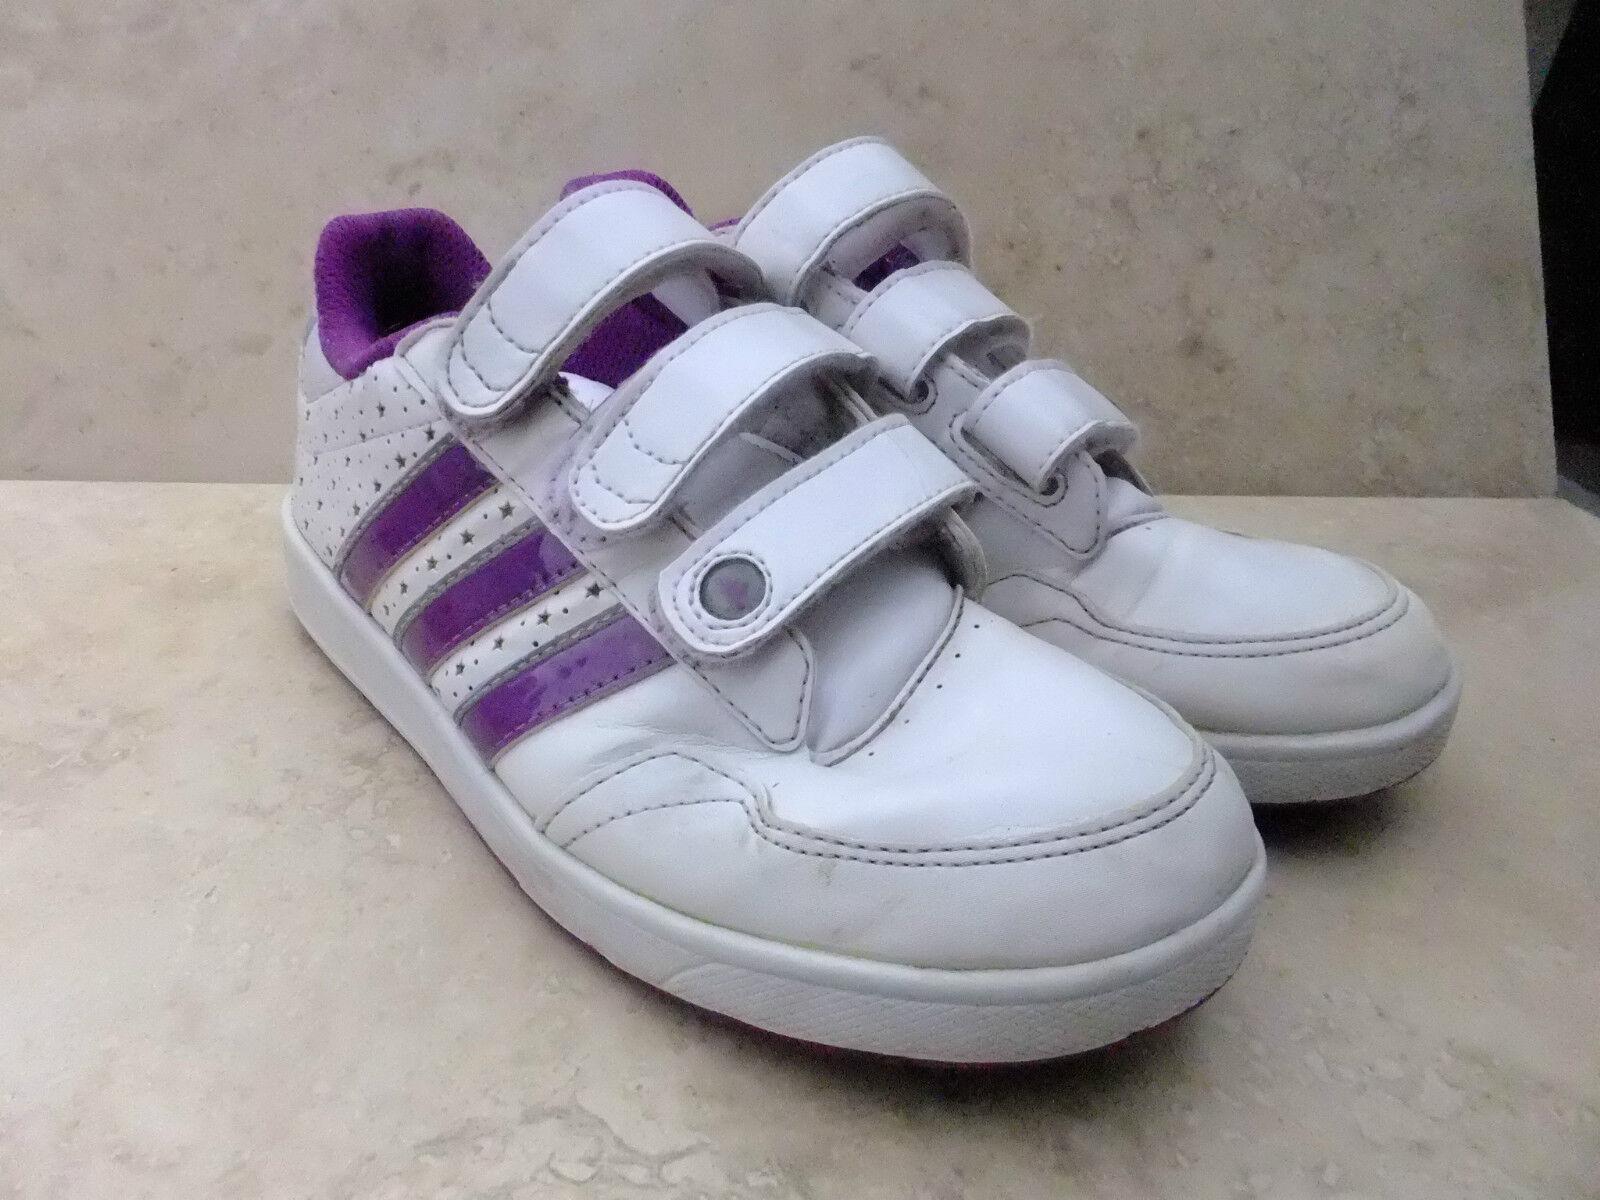 Adidas ortholite formatori formatori formatori occasionali scorpe 3   35 | Design Accattivante  | Uomini/Donna Scarpa  1d2d93